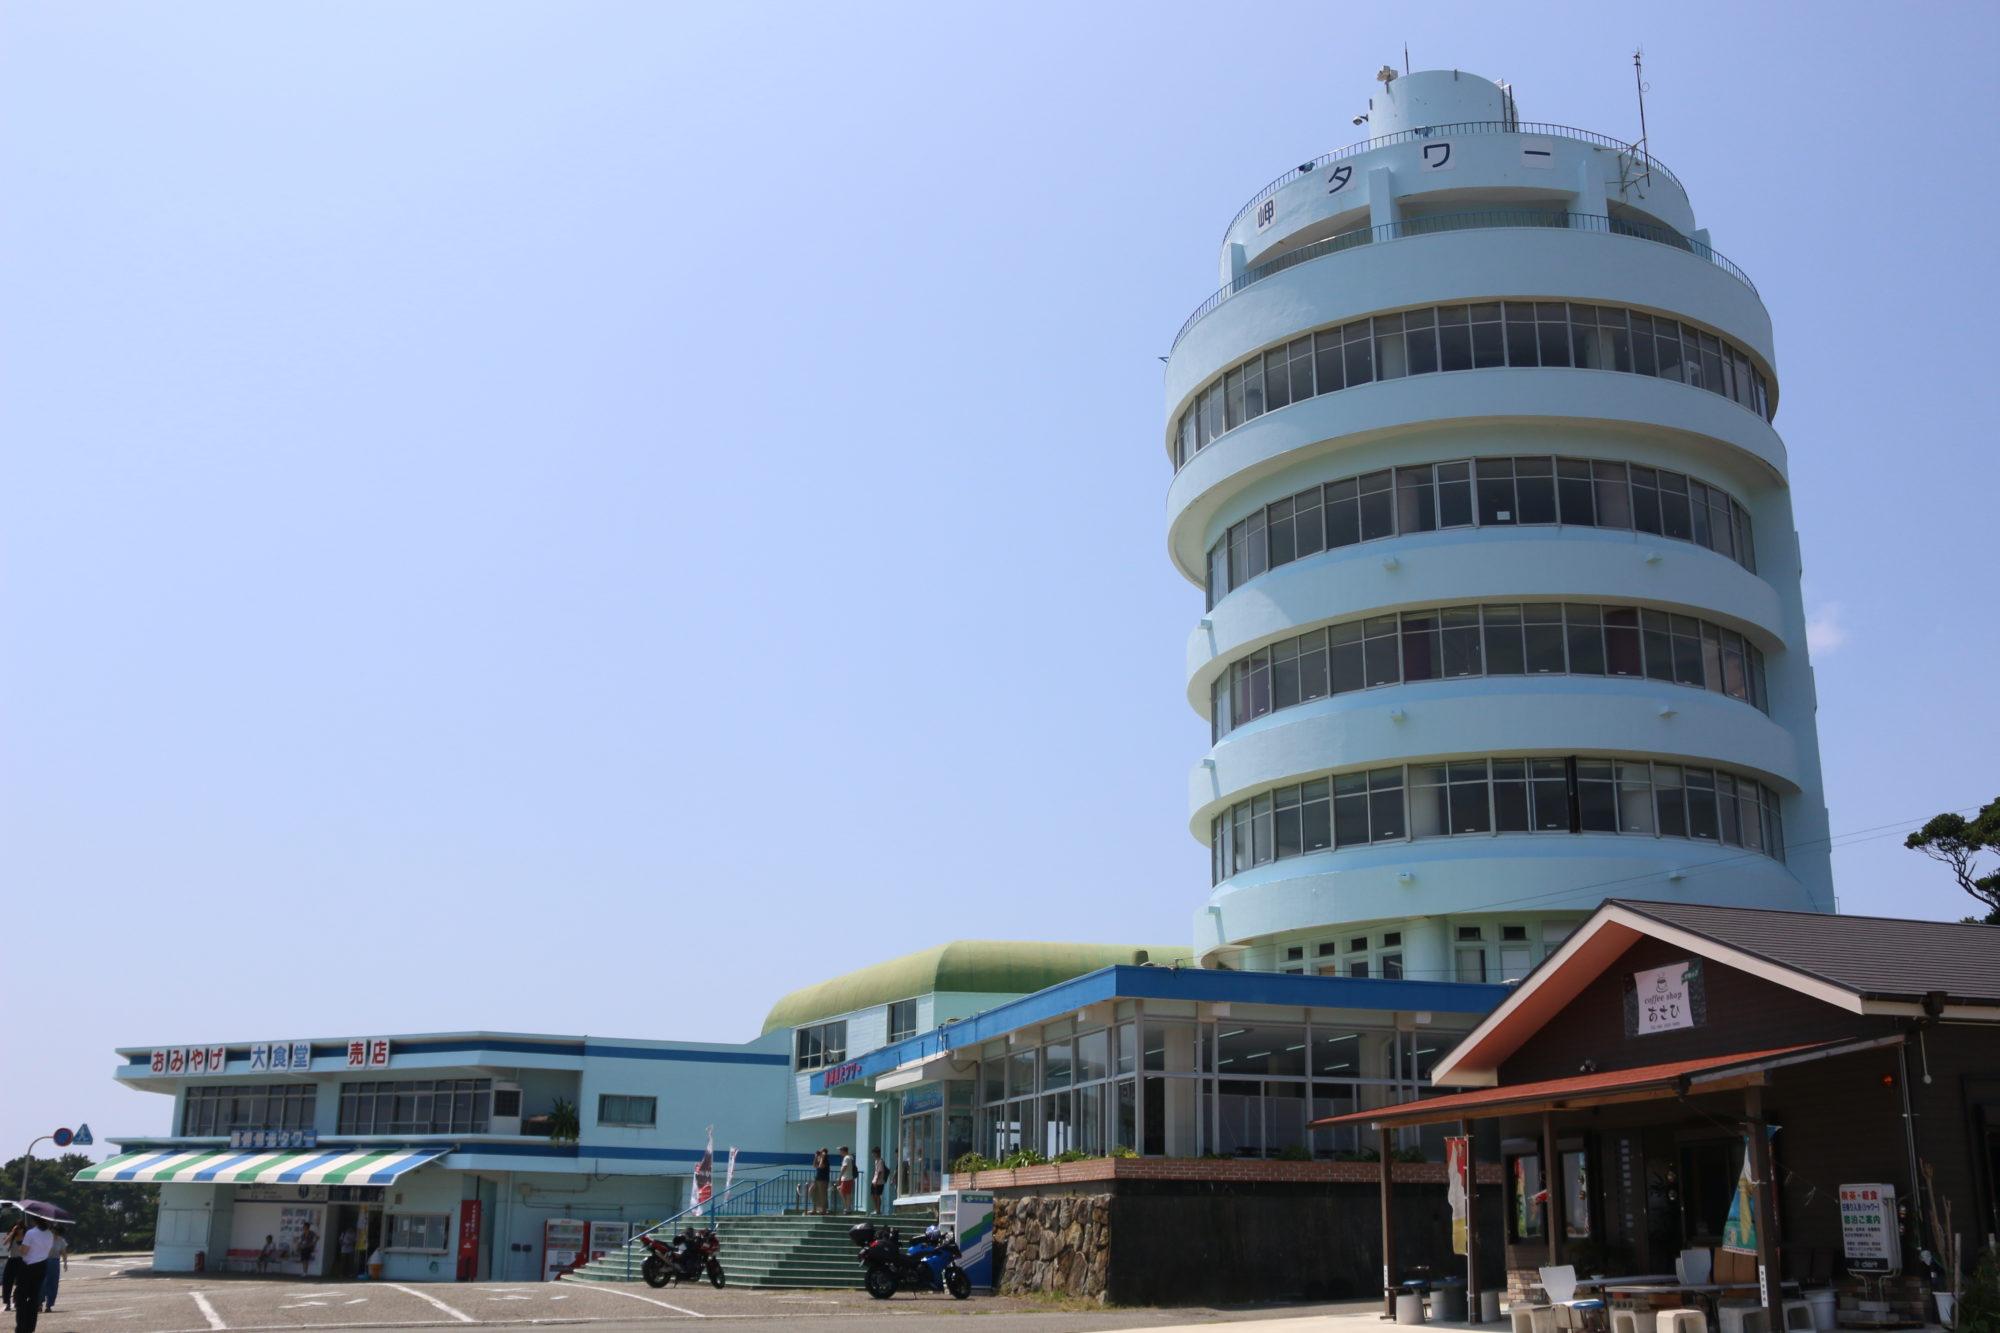 お盆休みの和歌山、白浜、串本への旅 その1 〜渋滞を乗り越え、潮岬灯台へ〜